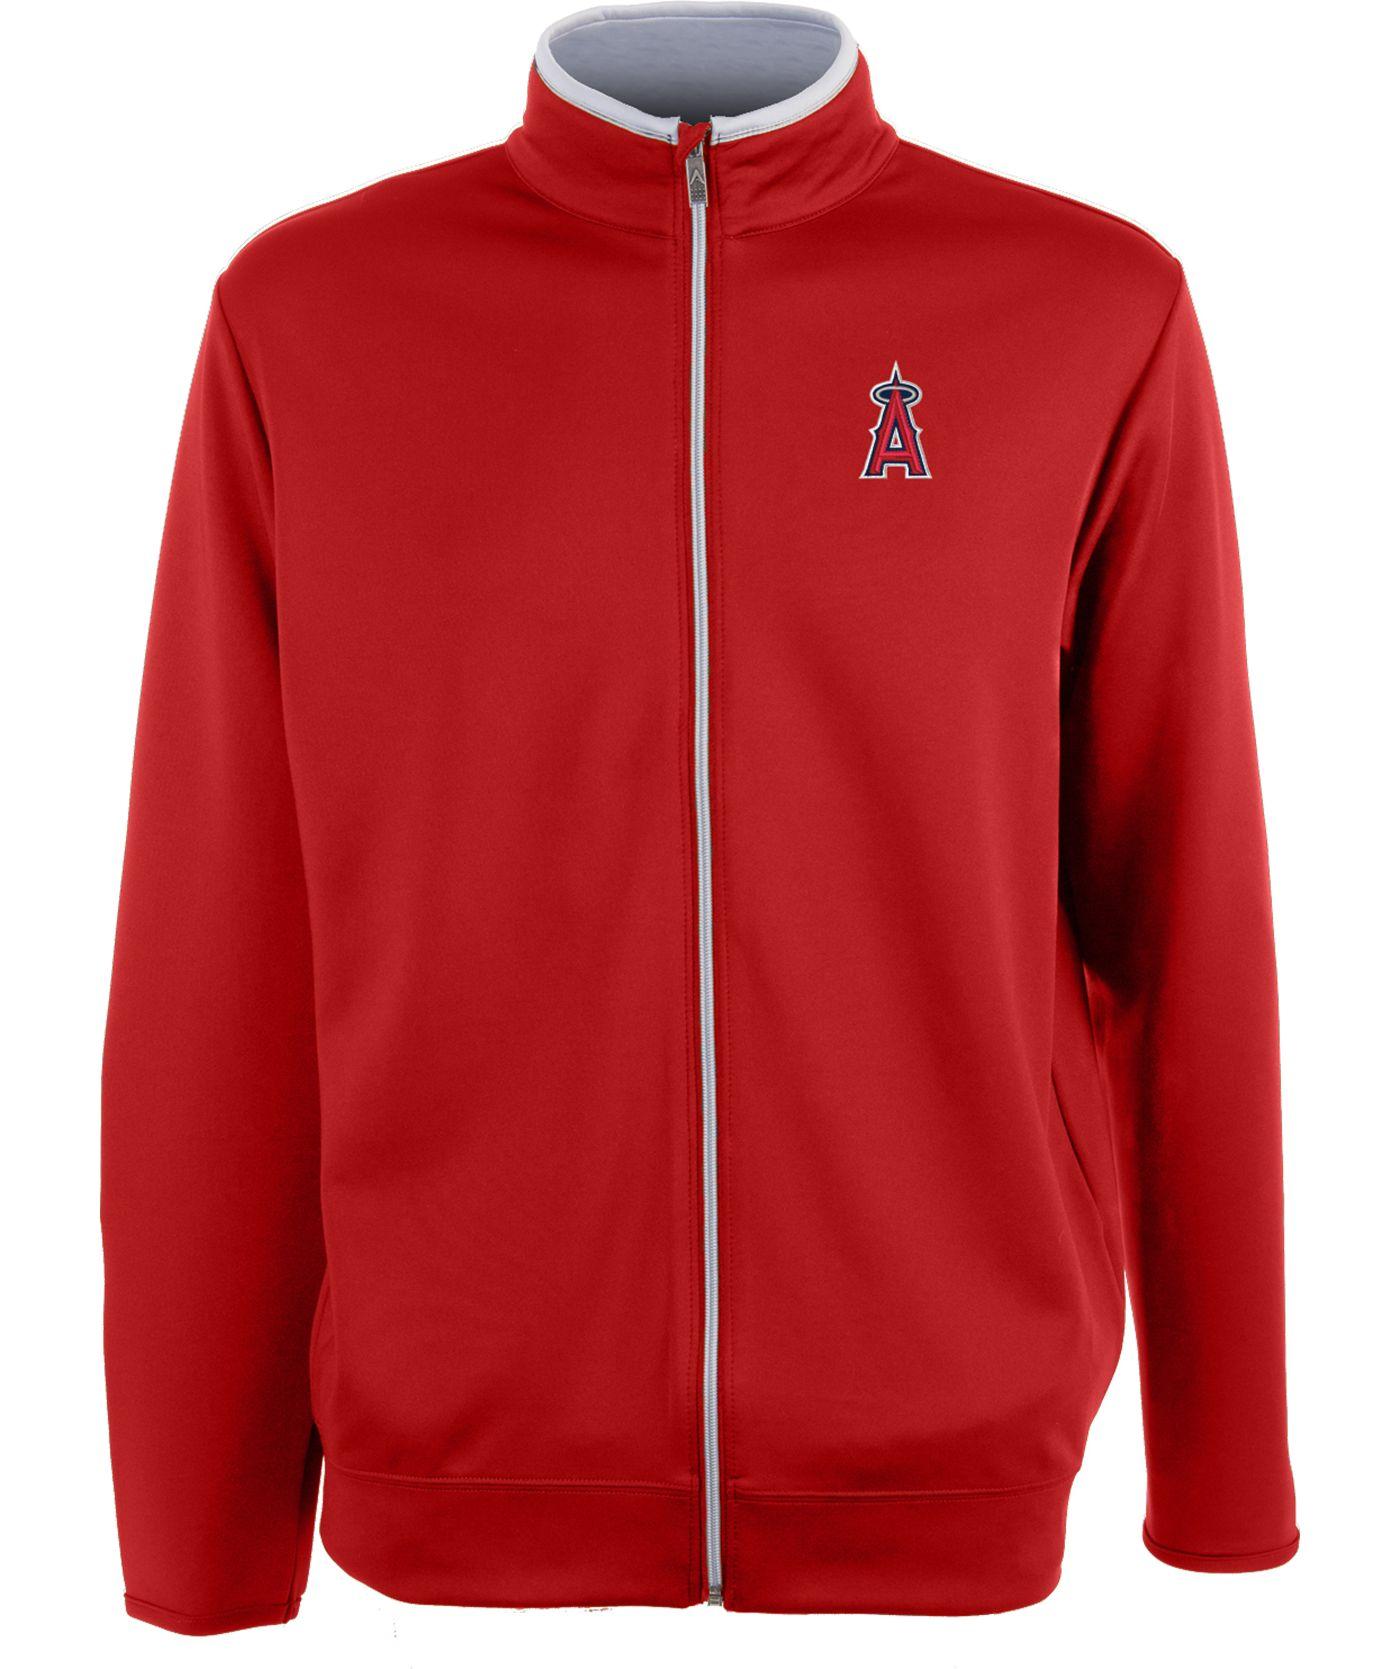 Antigua Men's Los Angeles Angels Leader Red Full-Zip Jacket